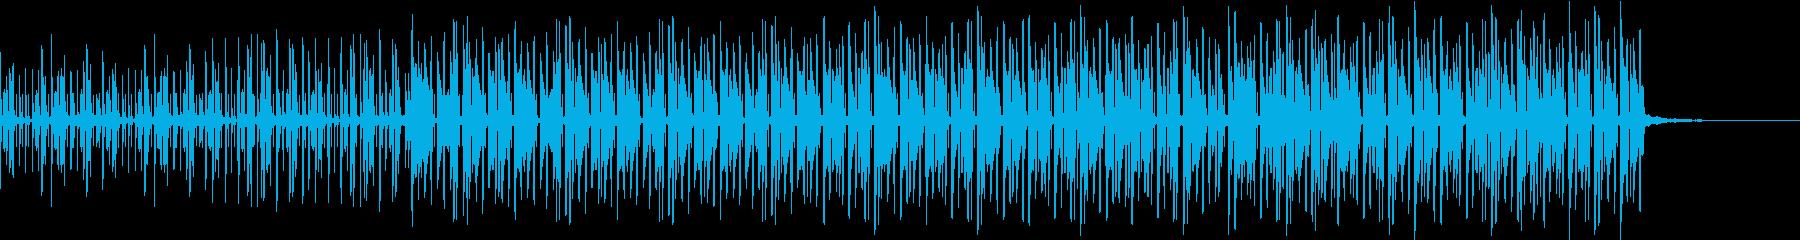 クールなテクノの再生済みの波形